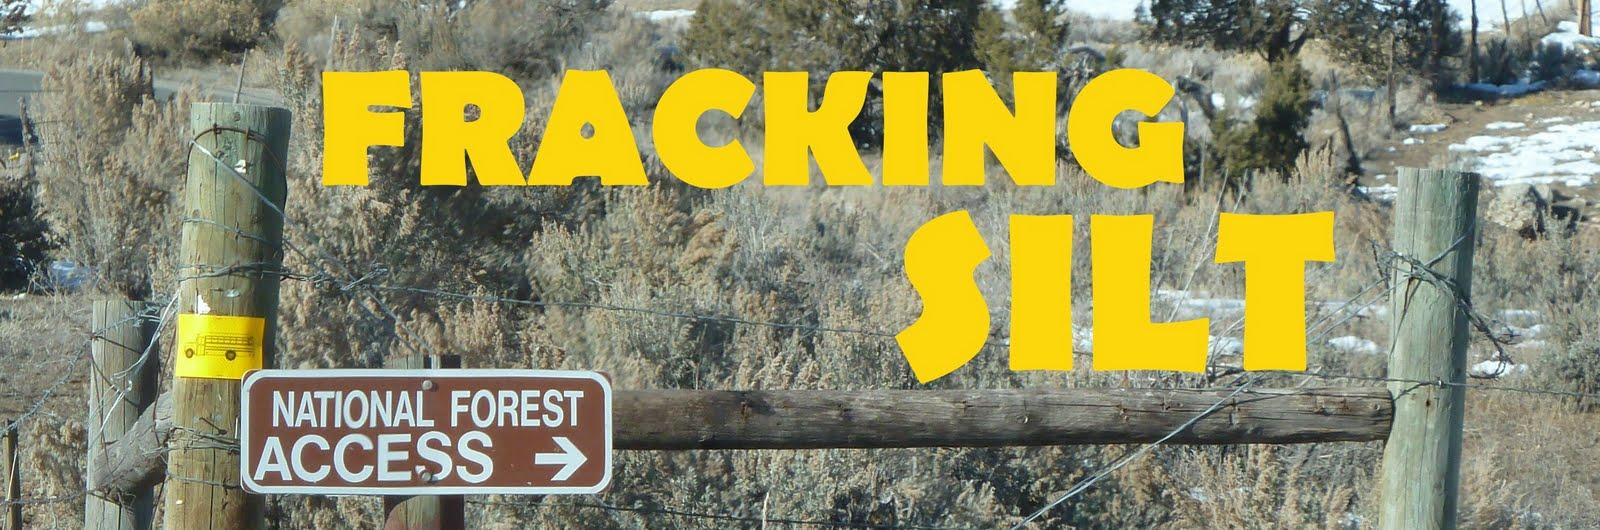 Fracking Silt